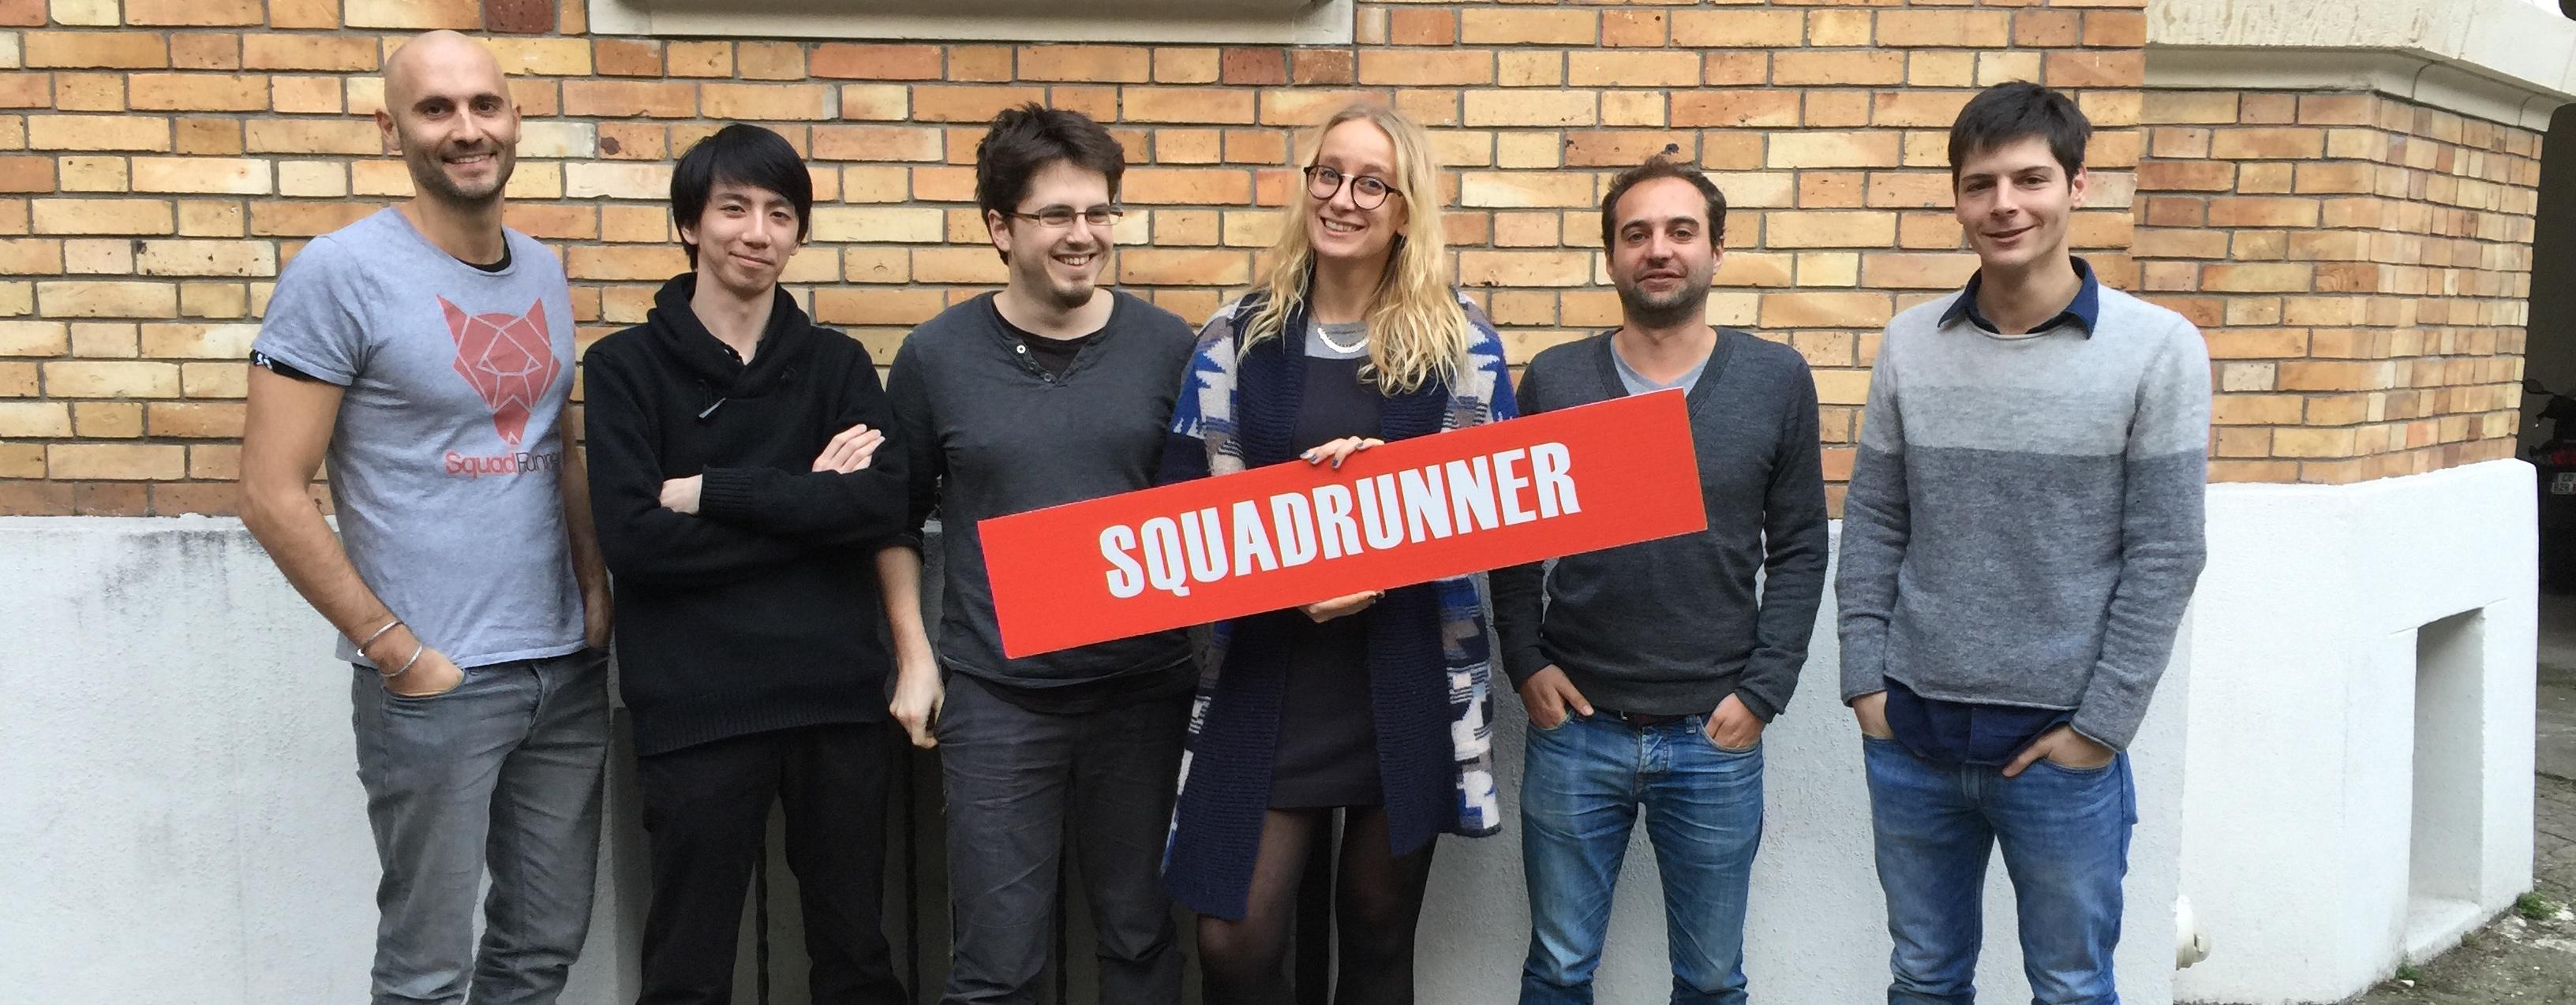 SquadRunner10